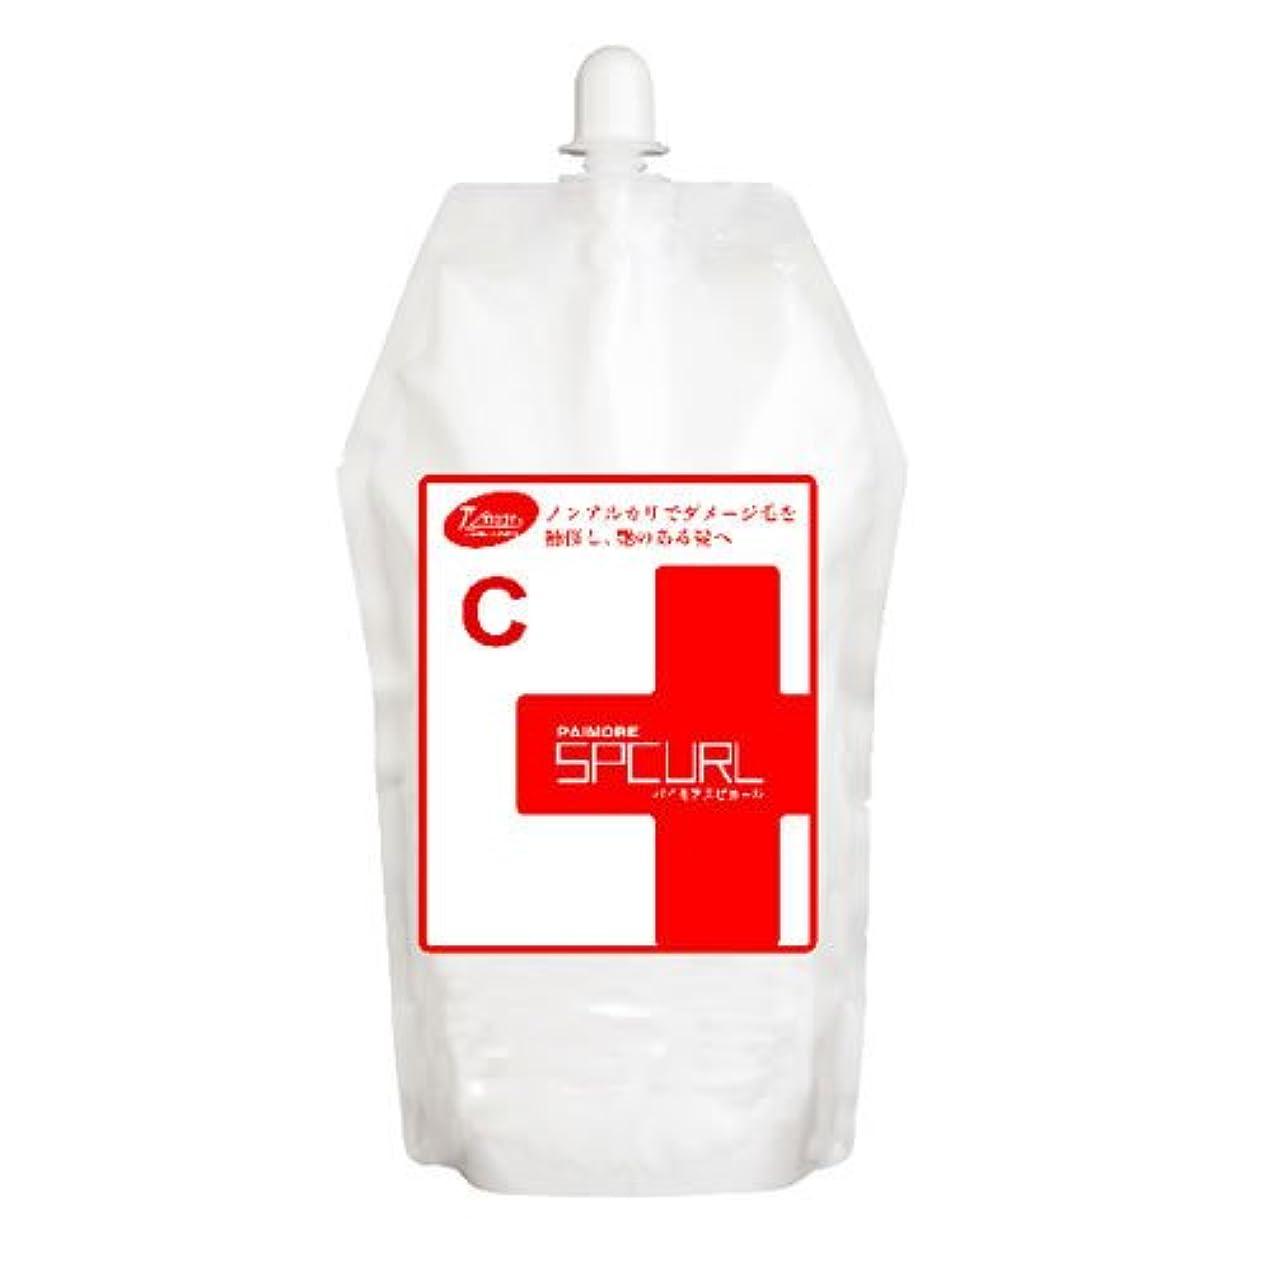 雨灰広告パイモア スピカール クリームトリートメント 1-C 1000g SPCURL